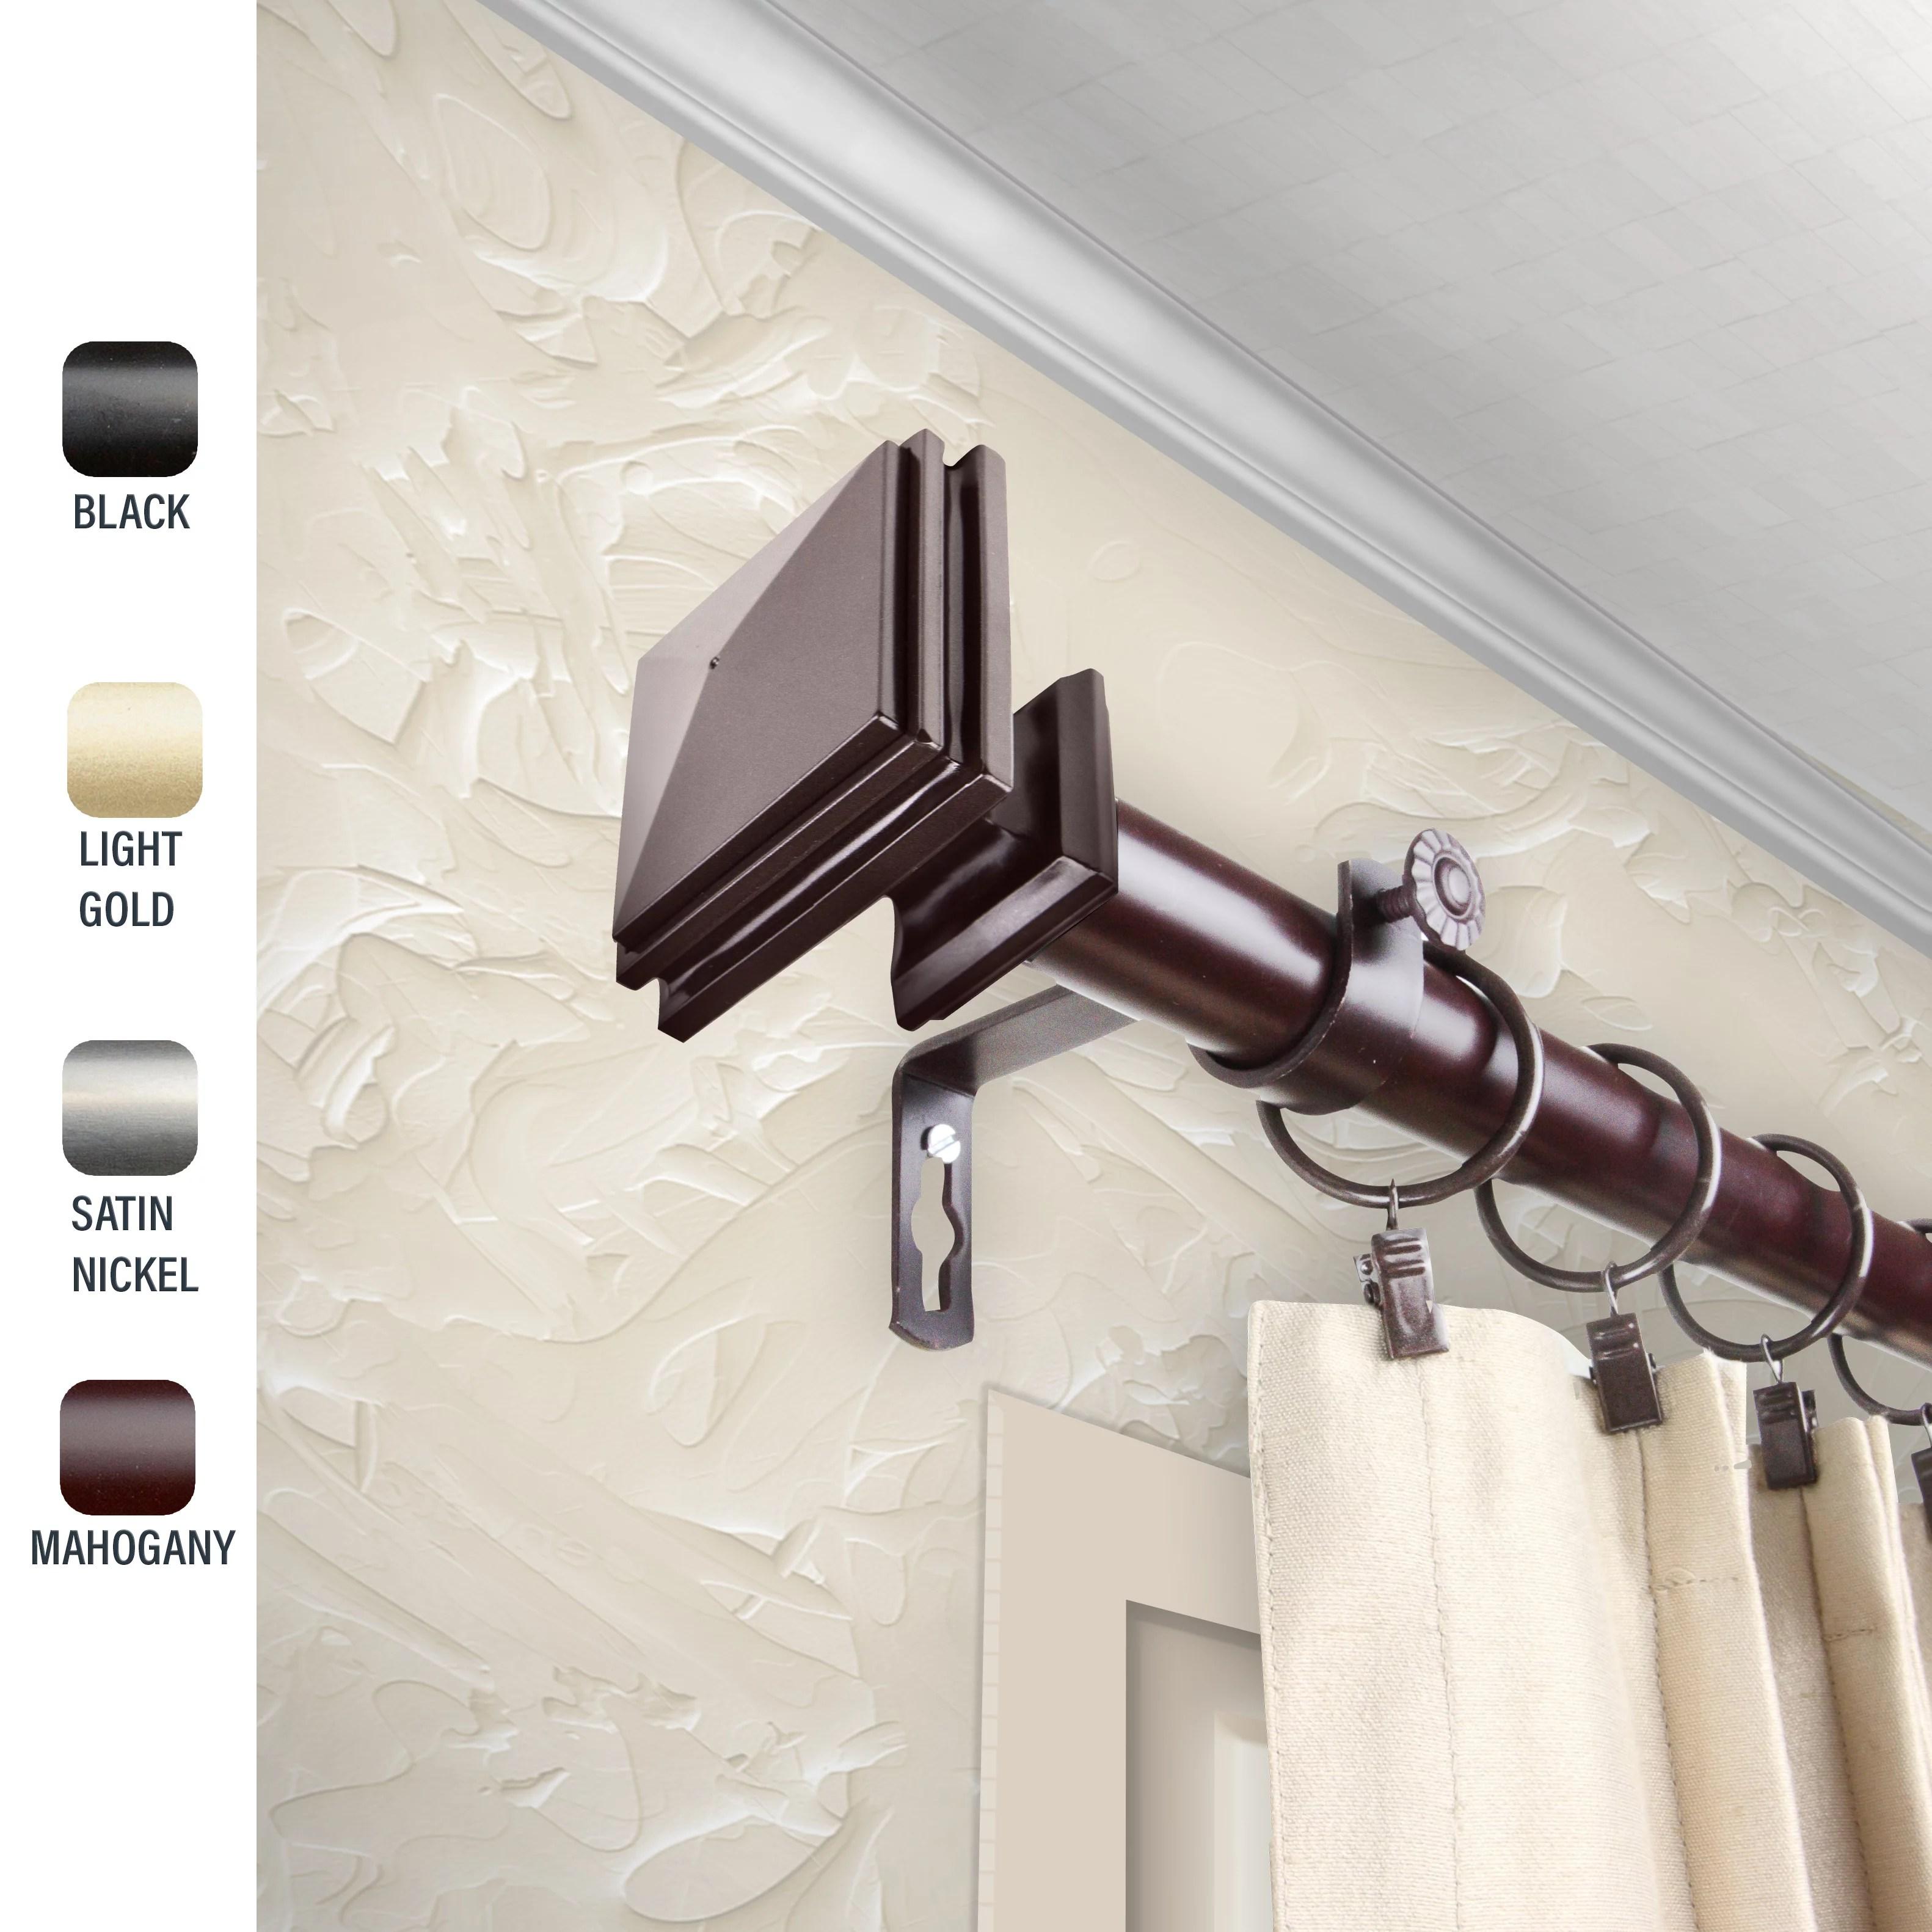 wilson 1 dia curtain rod 66 120 inches mahogany walmart com